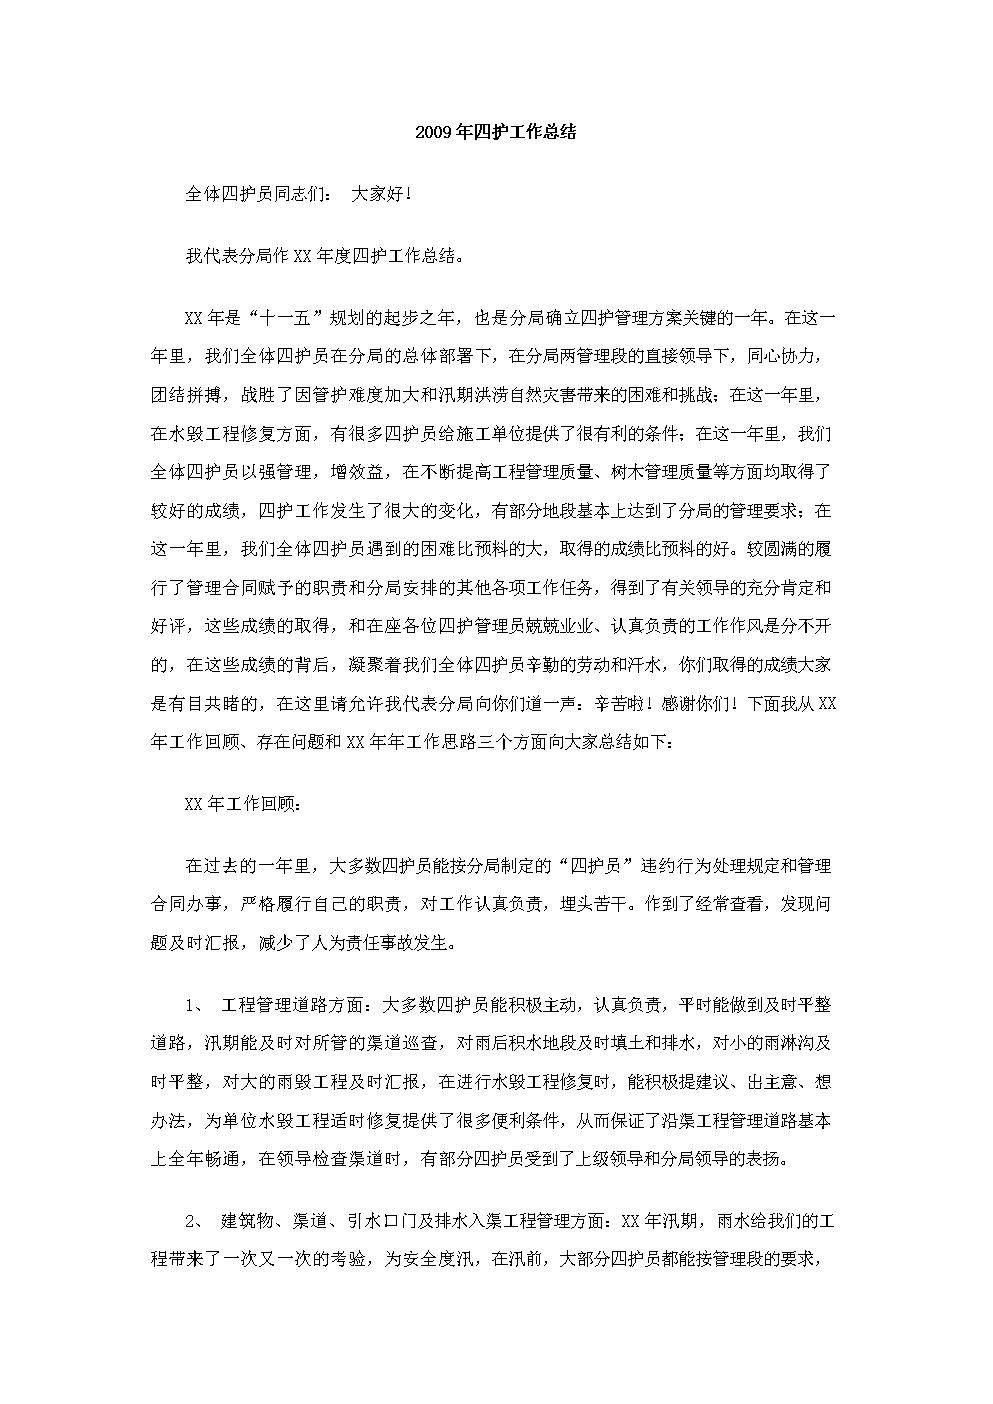 四護工作總結.docx